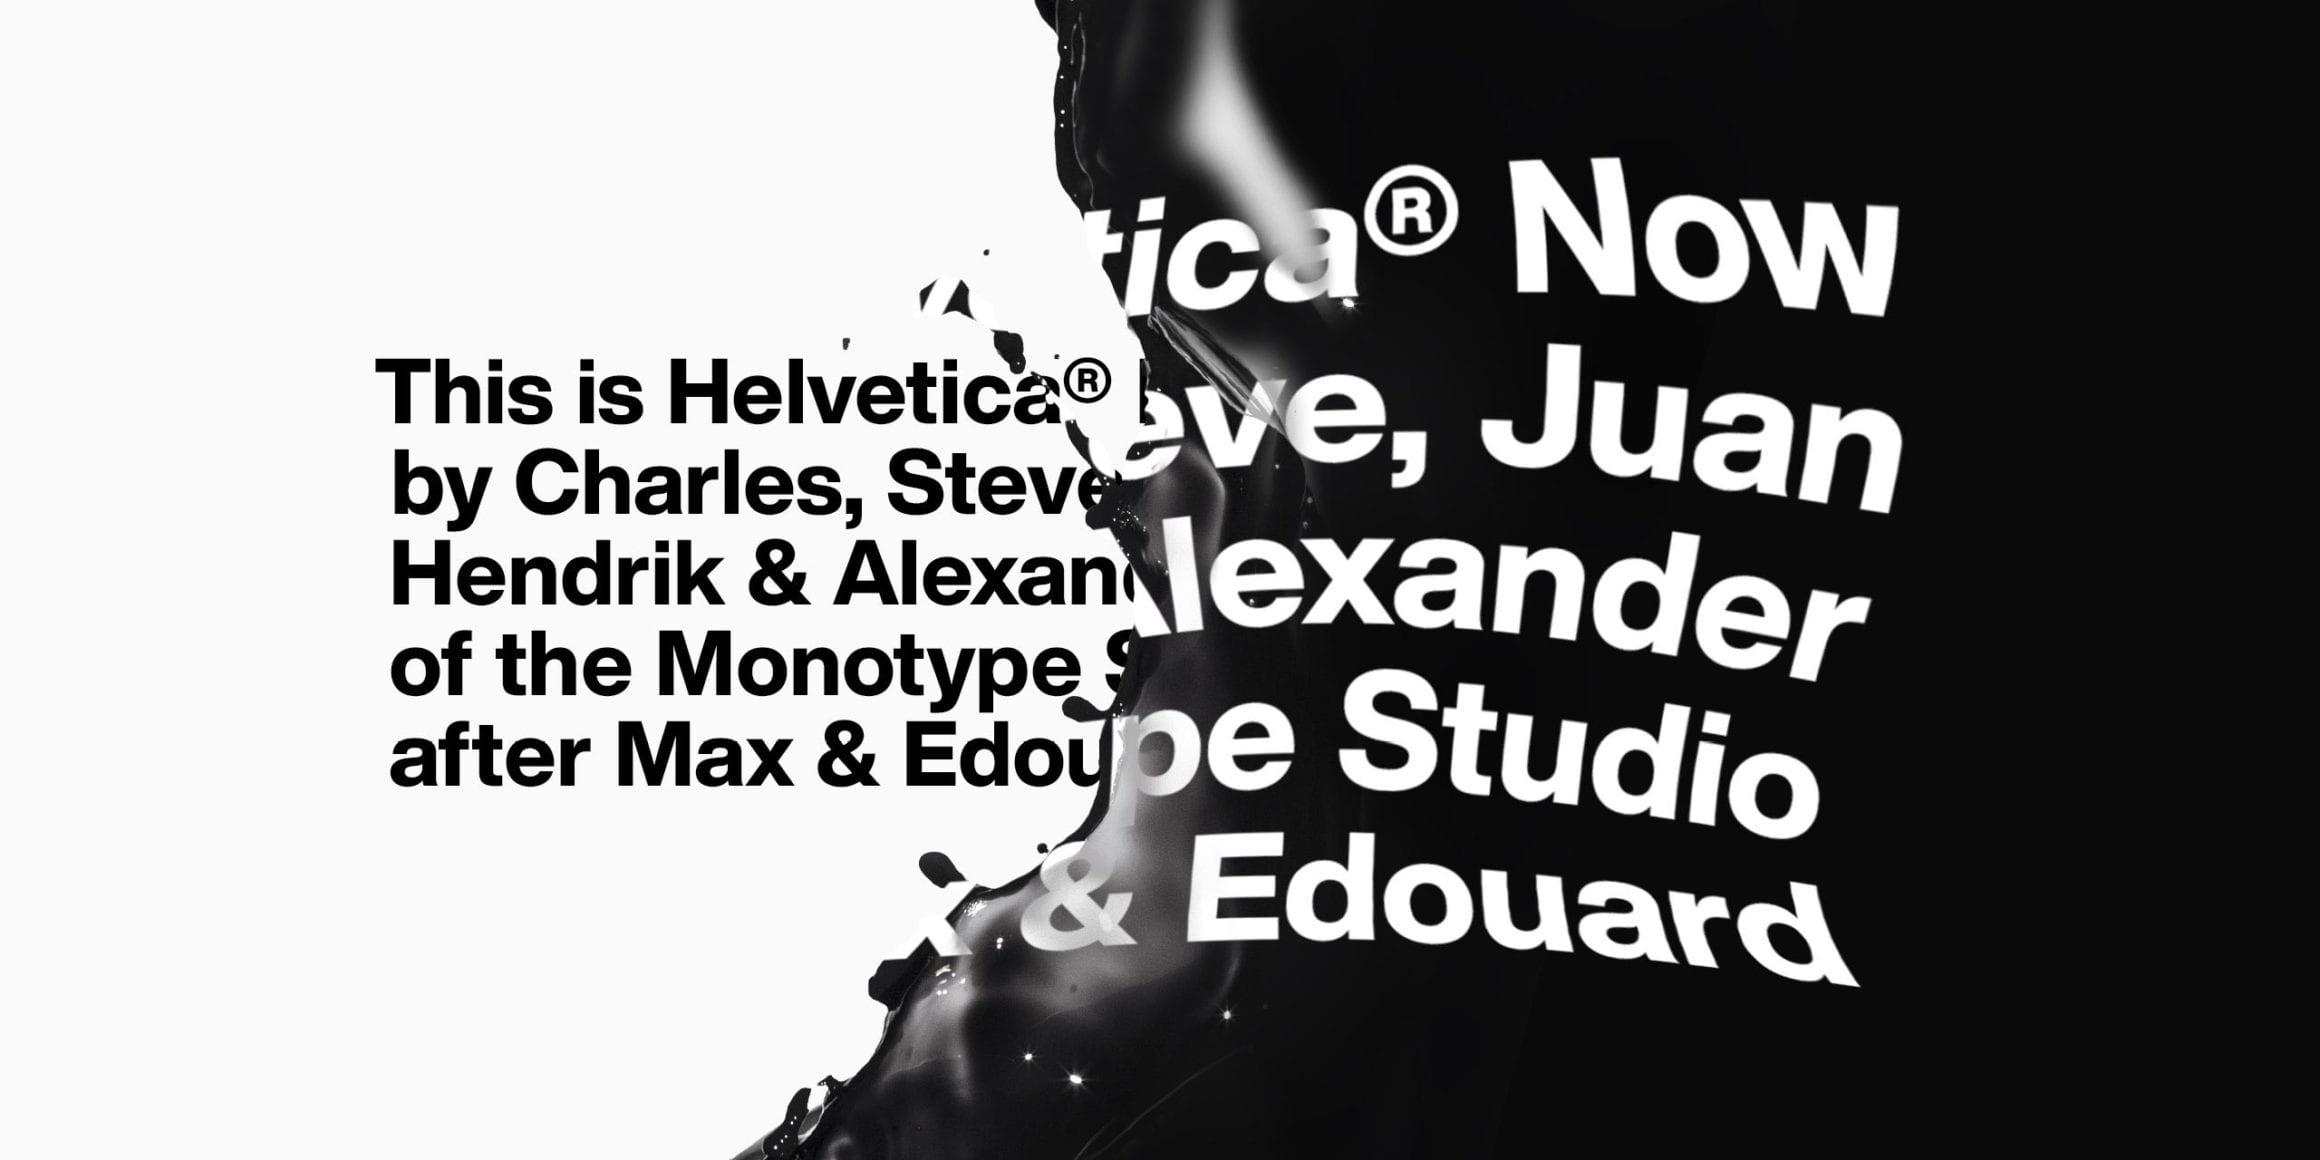 cover 2 - Helvetica teraz: Monotype predstavuje revíziu ikonického písma